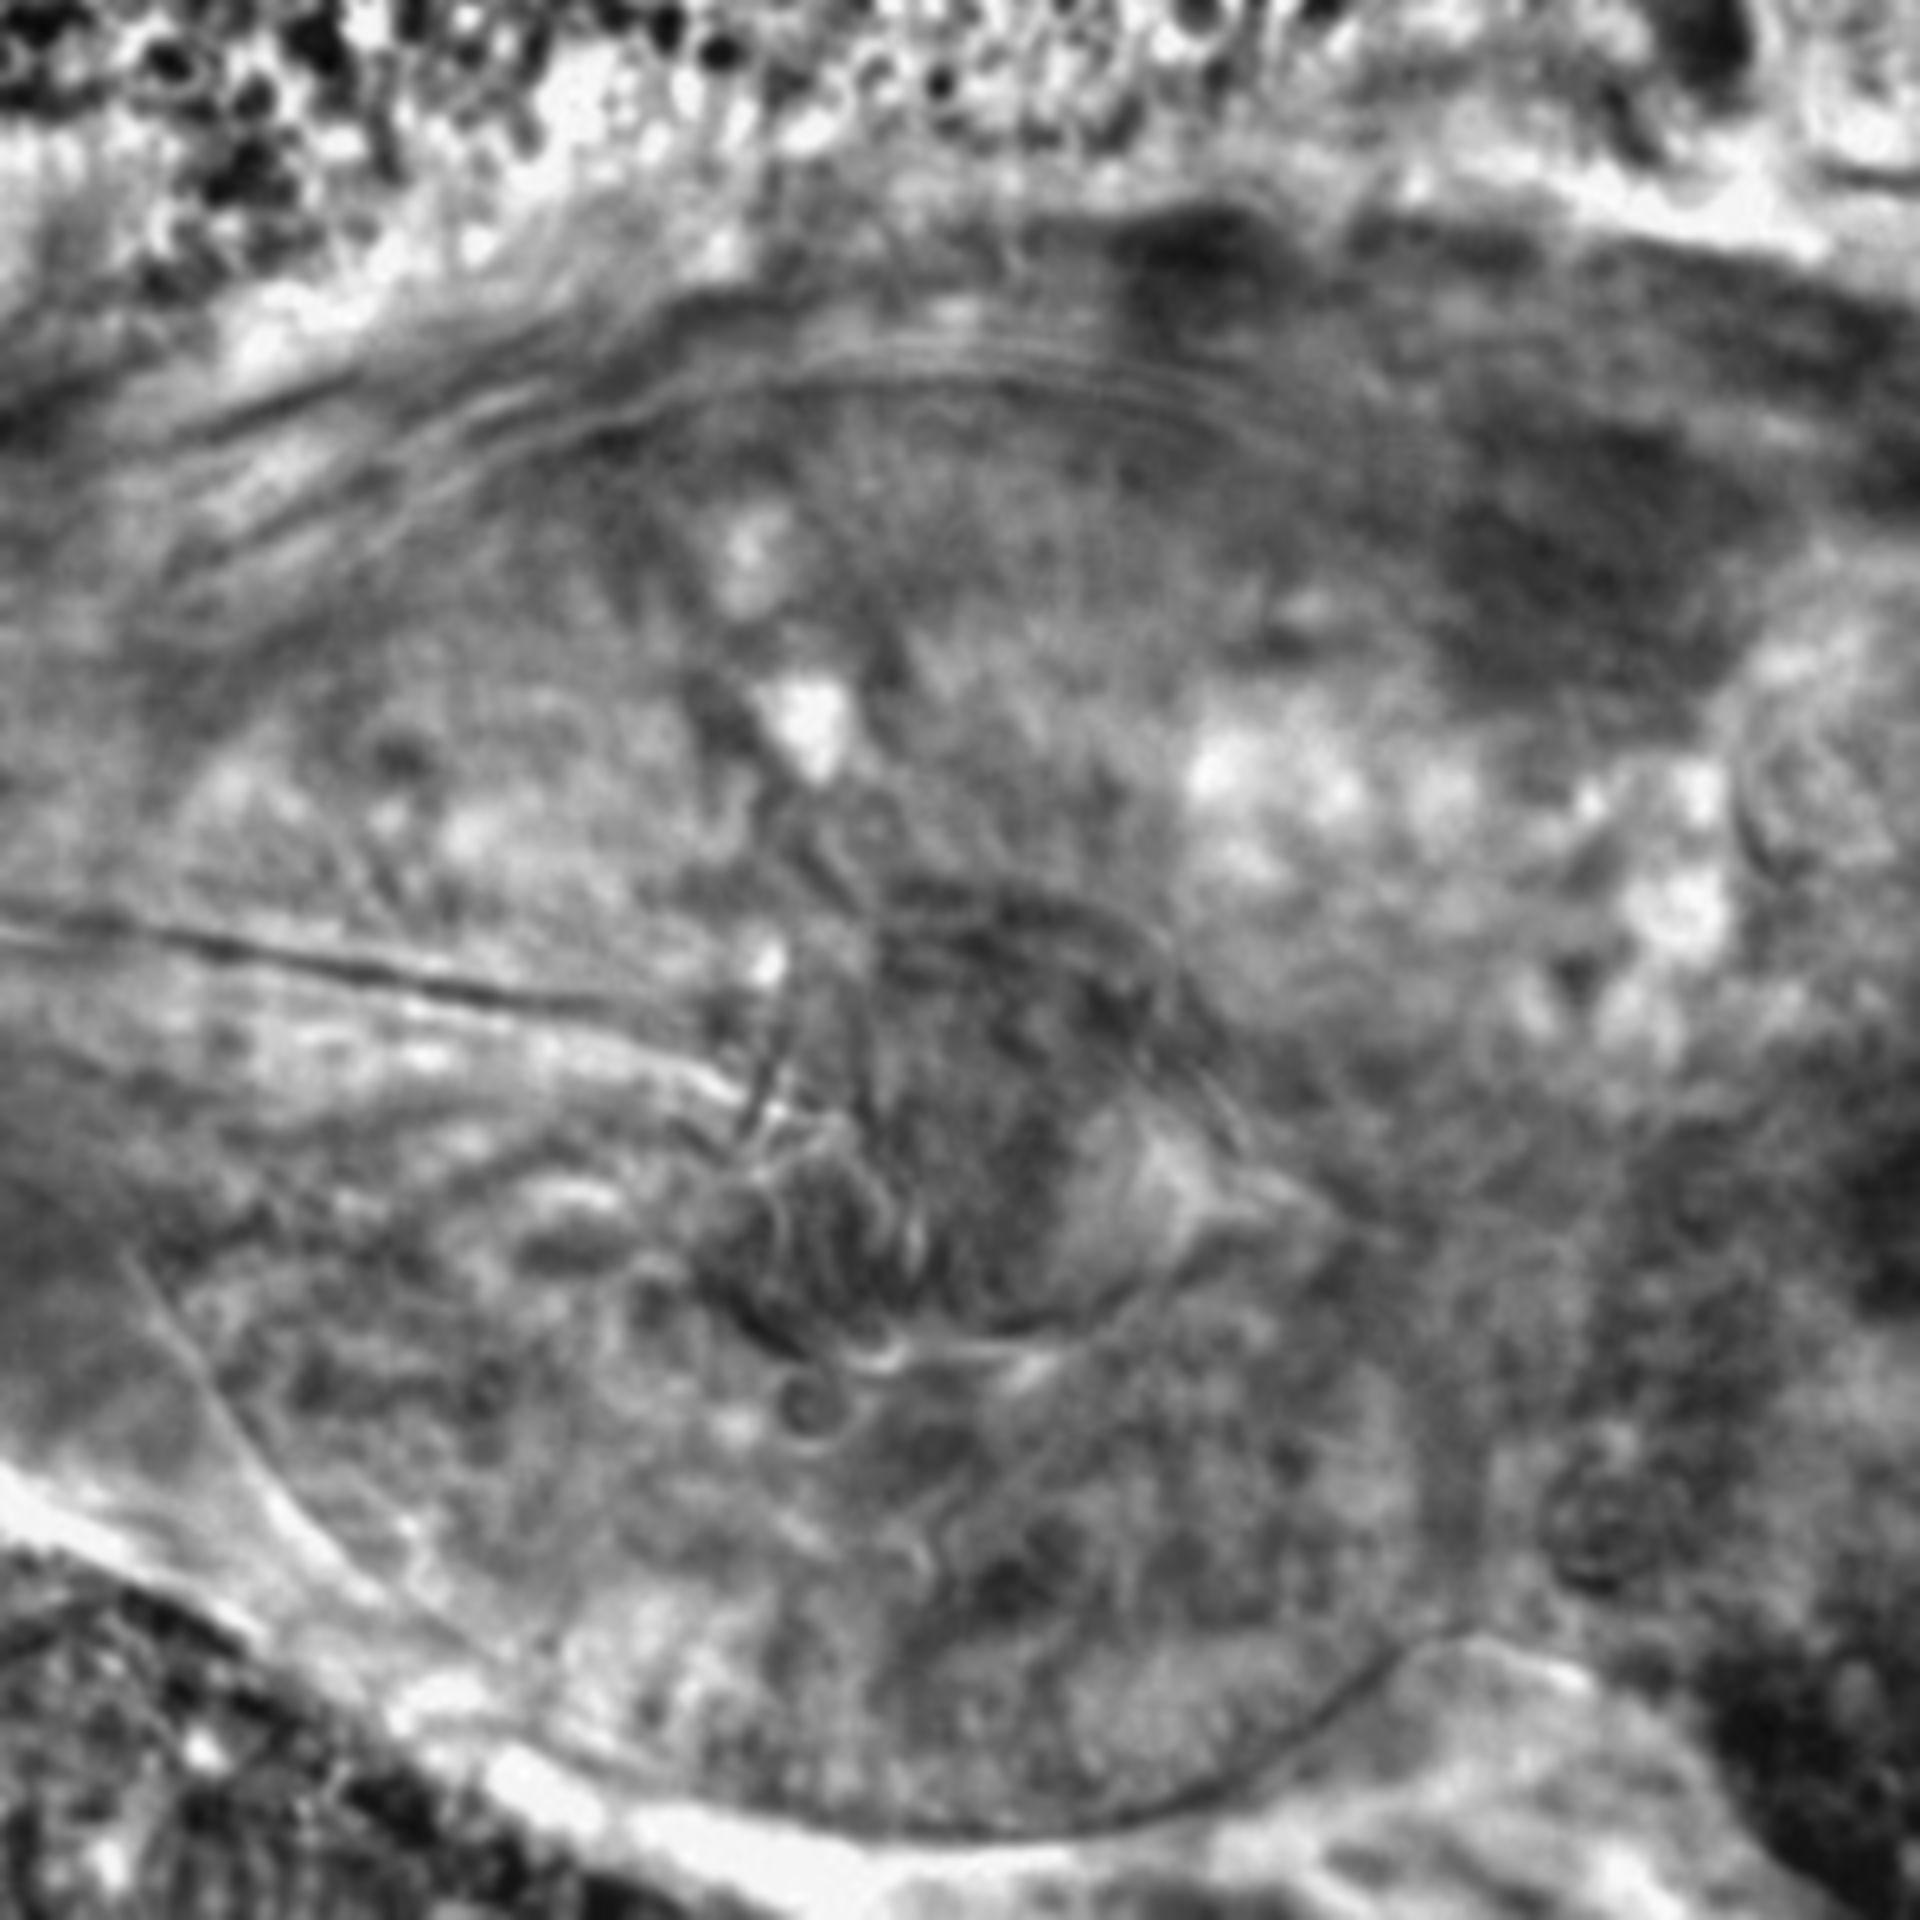 Caenorhabditis elegans - CIL:2288